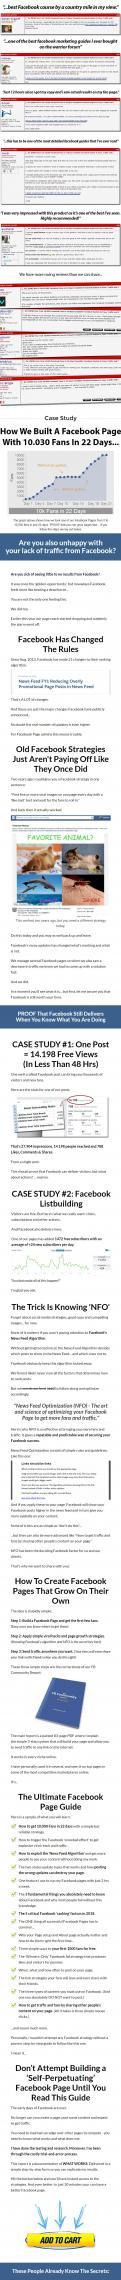 了解我们如何在22天内建立一个拥有1030名粉丝的Facebook页面(FBCommunity Reloaded 2018)